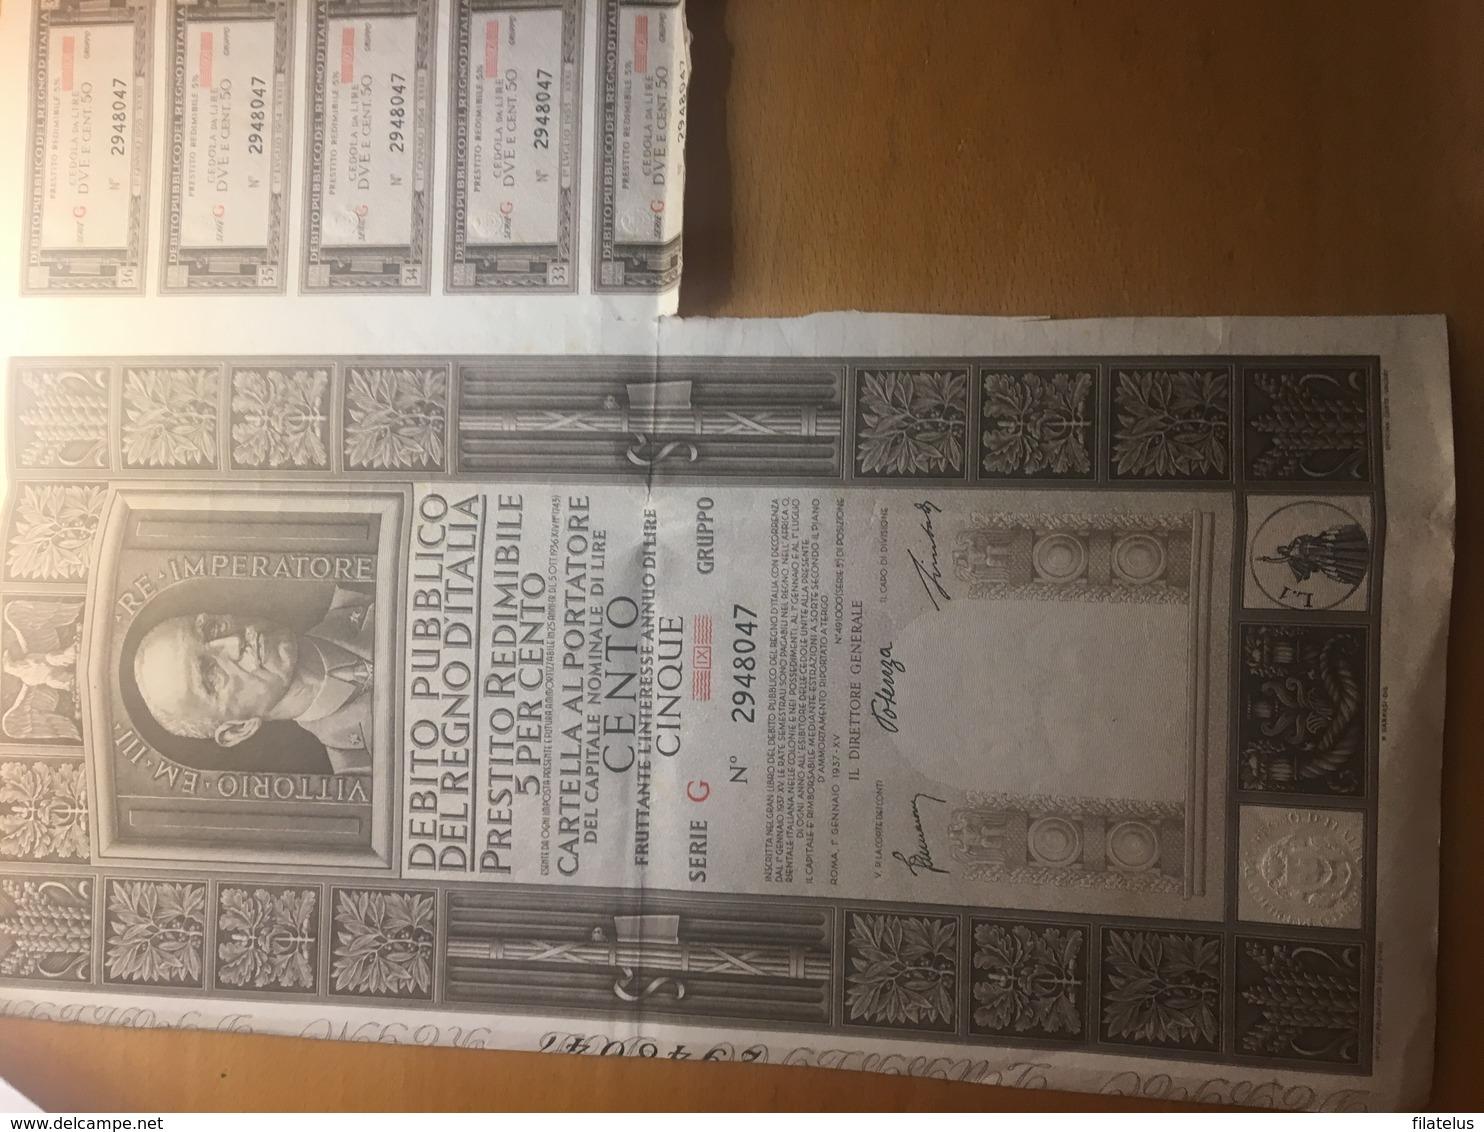 DEBITO PUBBLICO DEL REGNO D'ITALUA-CAPIRALE NOMINALE DI LIRE 100-ROMA-1-1-1937 - Azioni & Titoli